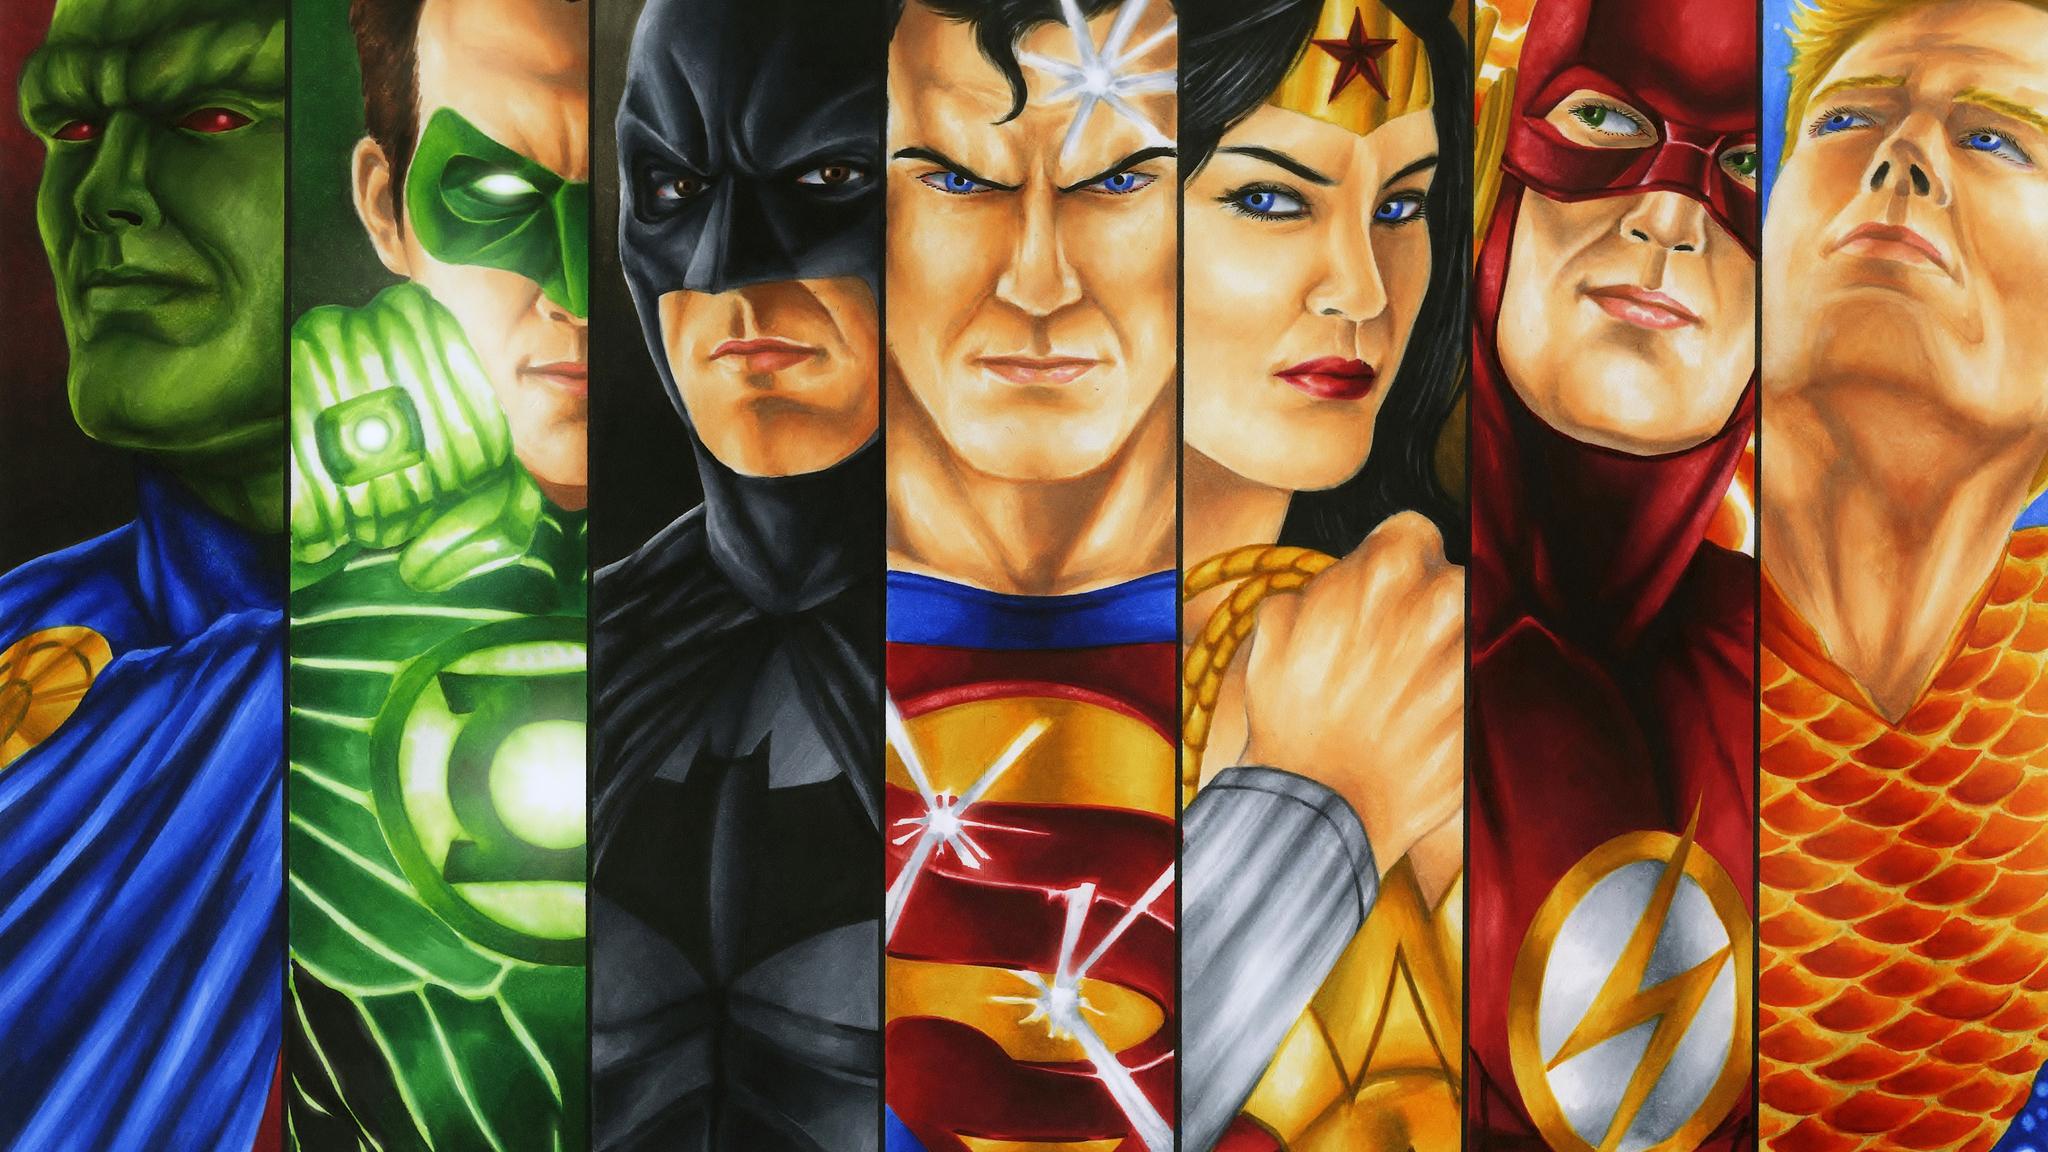 justice-league-heroes-fanart-4k-0m.jpg